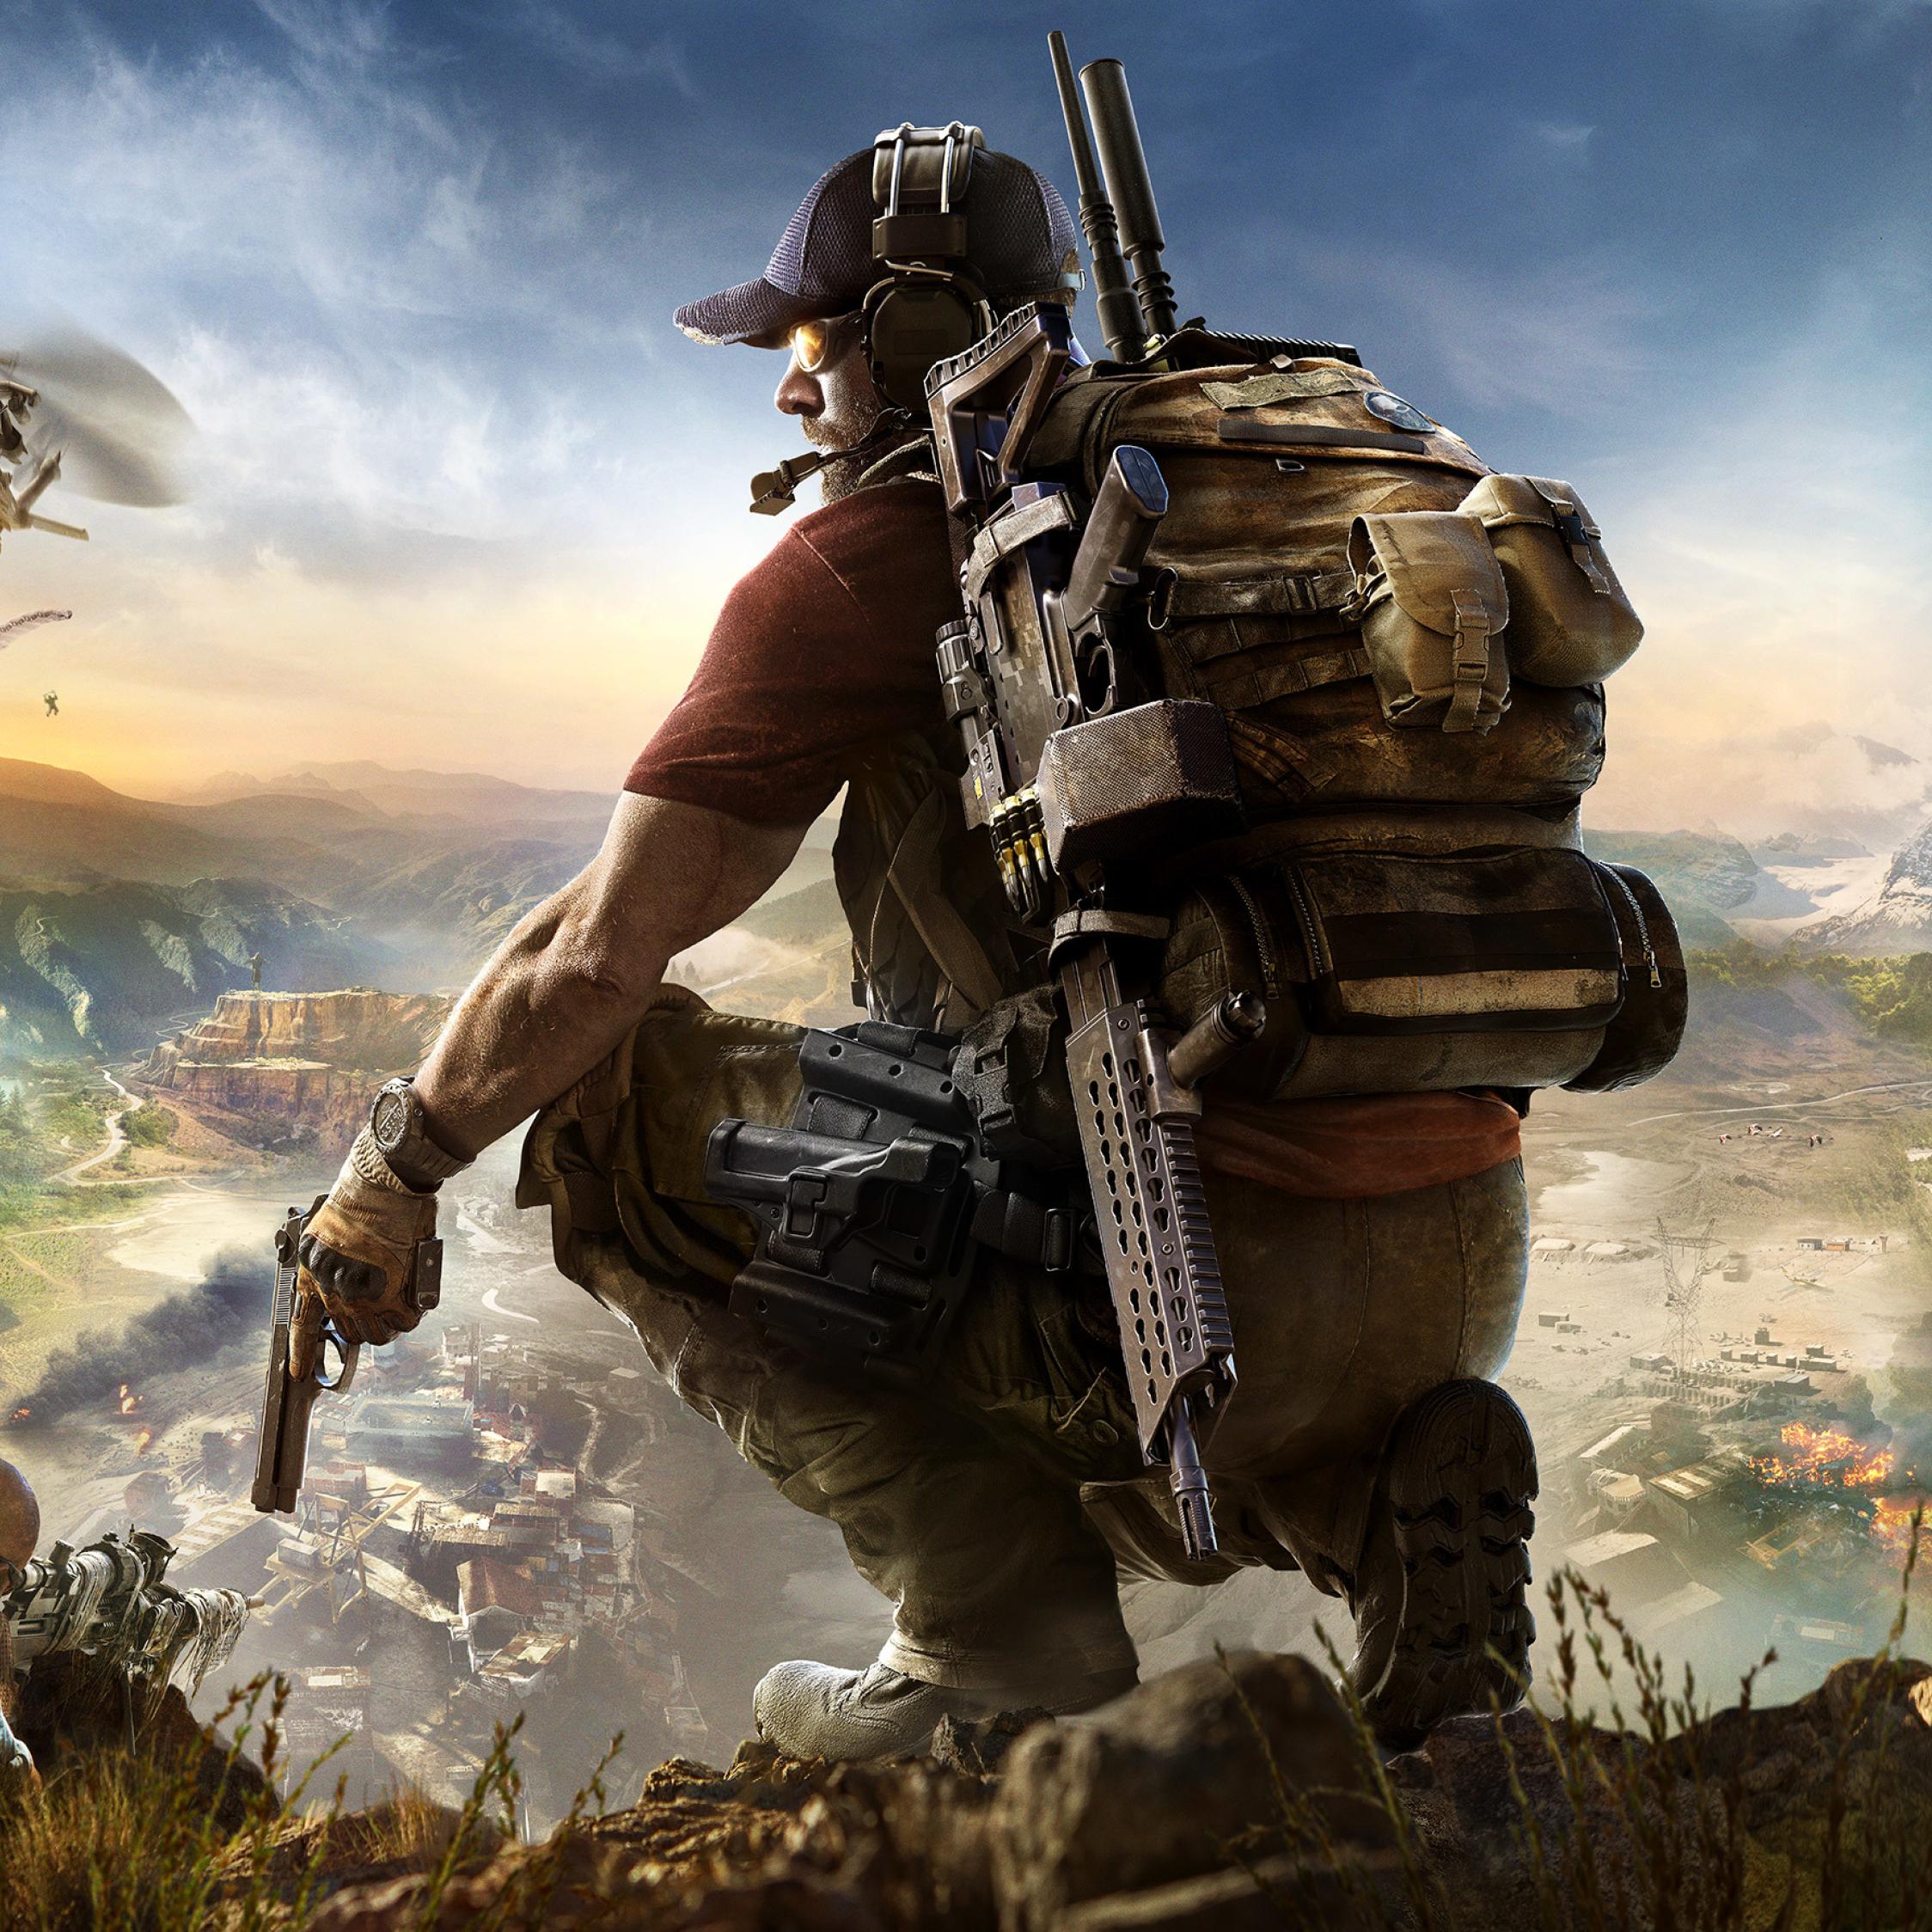 2248x2248 Tom Clancys Ghost Recon Wildlands Ubisoft Paris